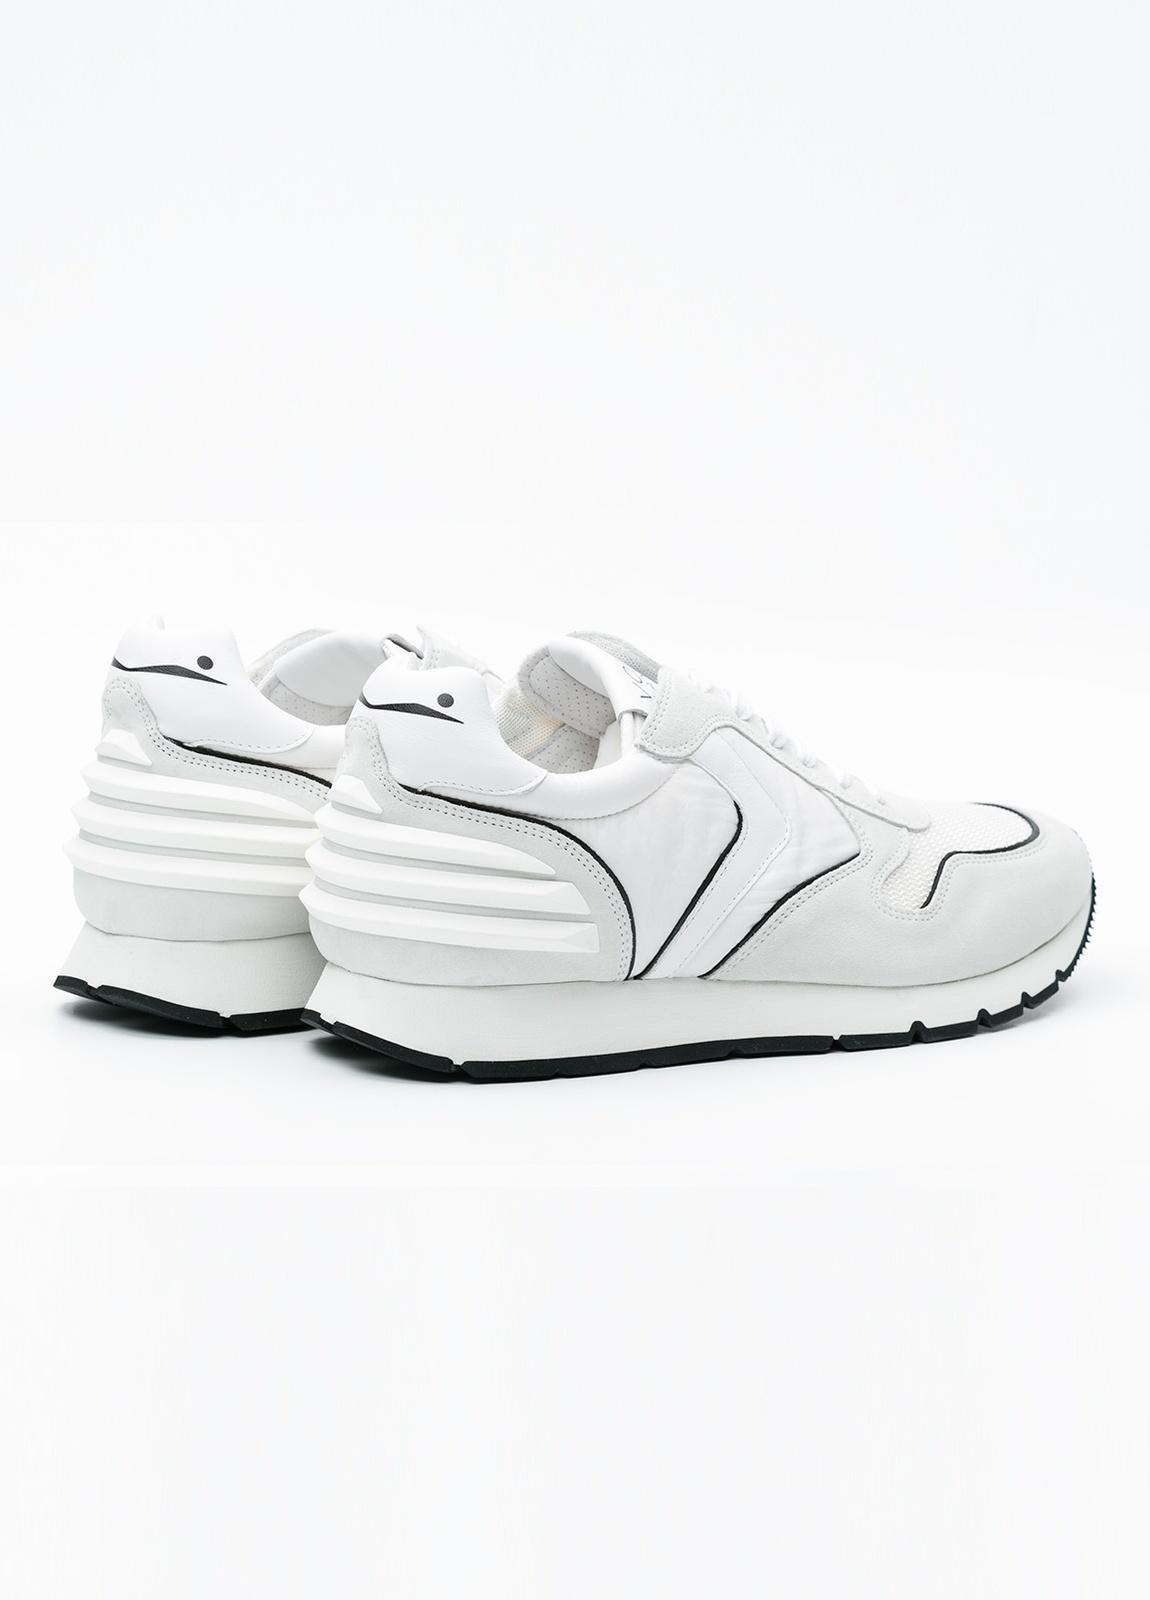 Bambas moda hombre modelo LIAM POWER color blanco. - Ítem2